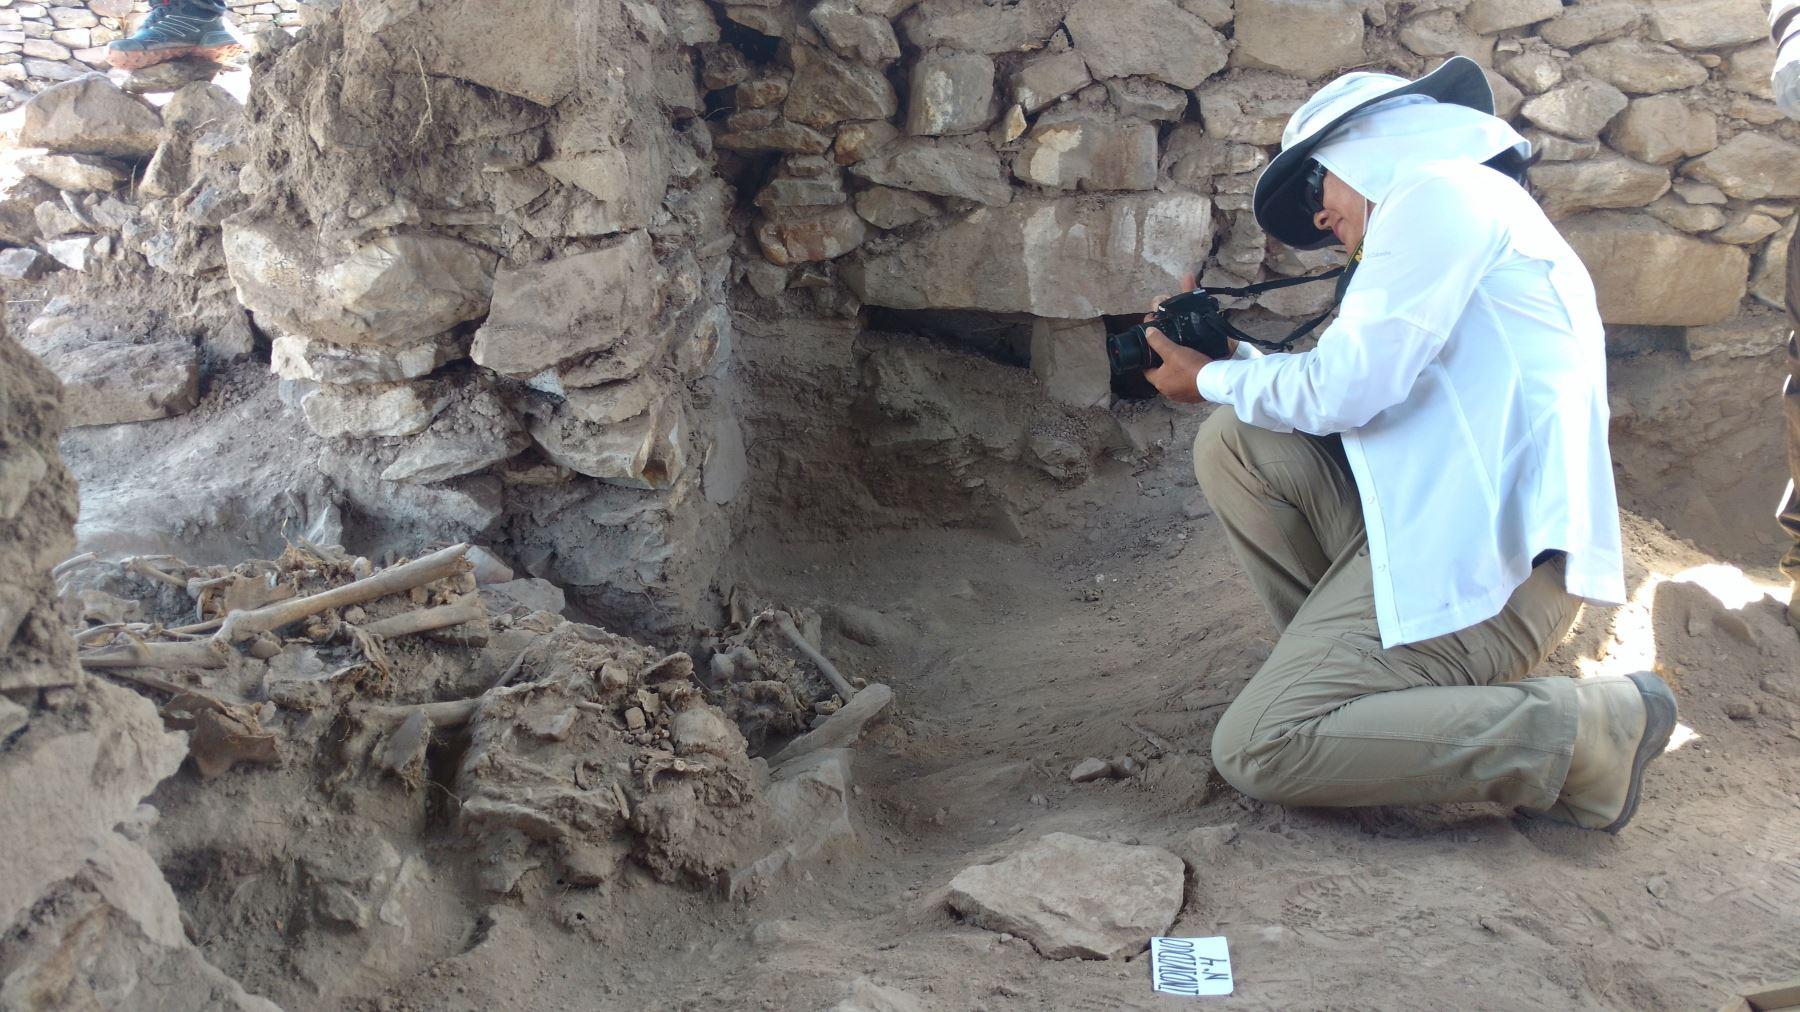 Museo Tumbas Reales financiará investigación arqueológica en Lambayeque. Cortesía